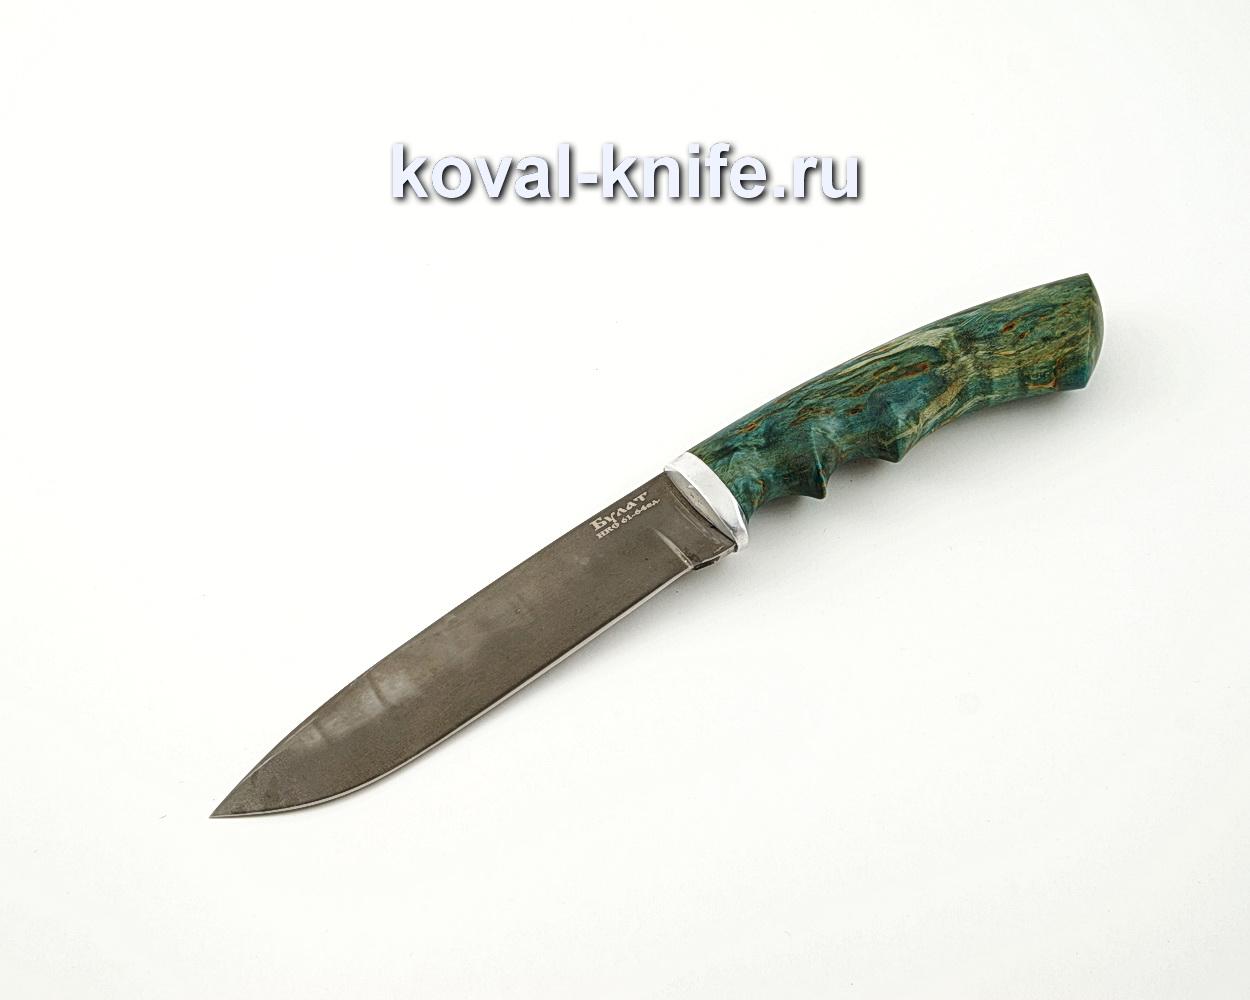 Нож Олимп из булатной стали с рукоятью из стабилизированной карельской березы, литье мельхиор A574